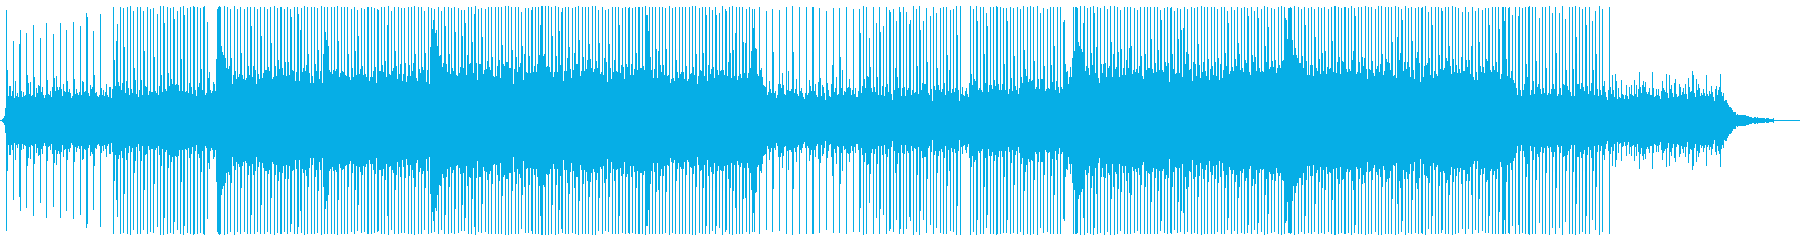 【メロ抜き】アコースティックなコンセプトの再生済みの波形